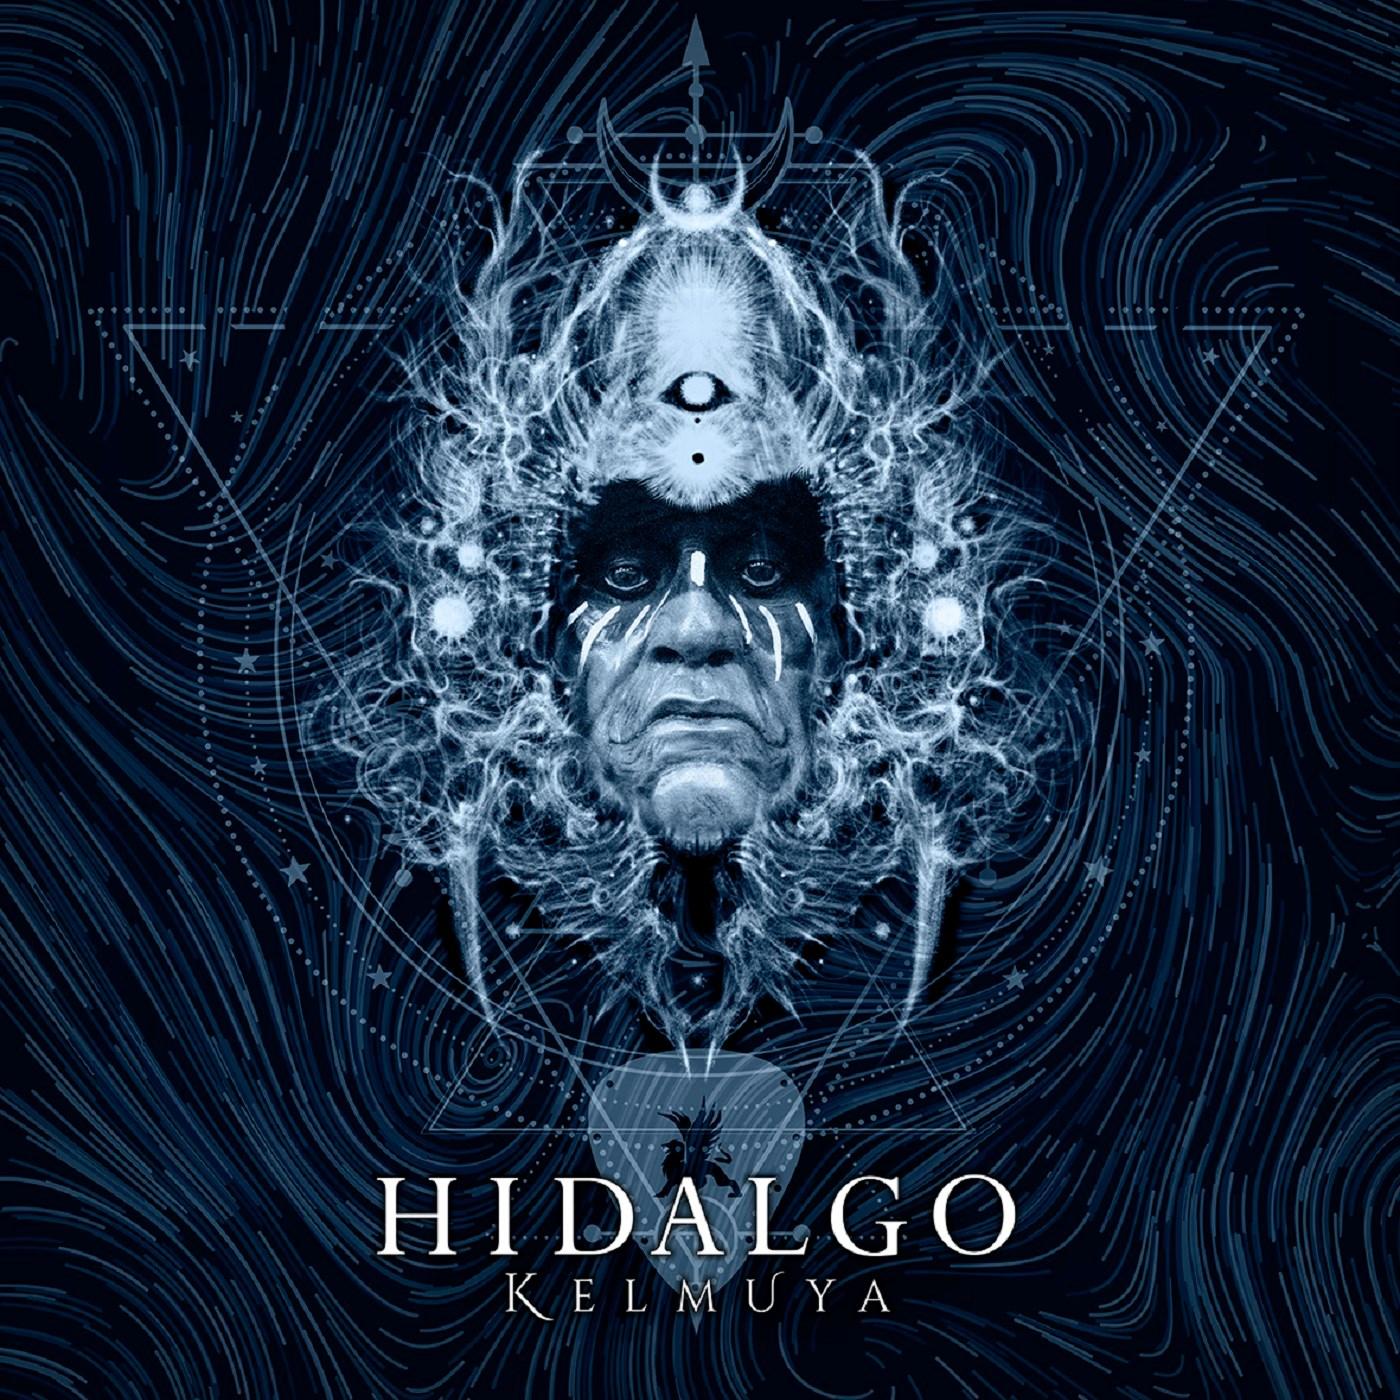 Hidalgo – Kelmuya (2019)